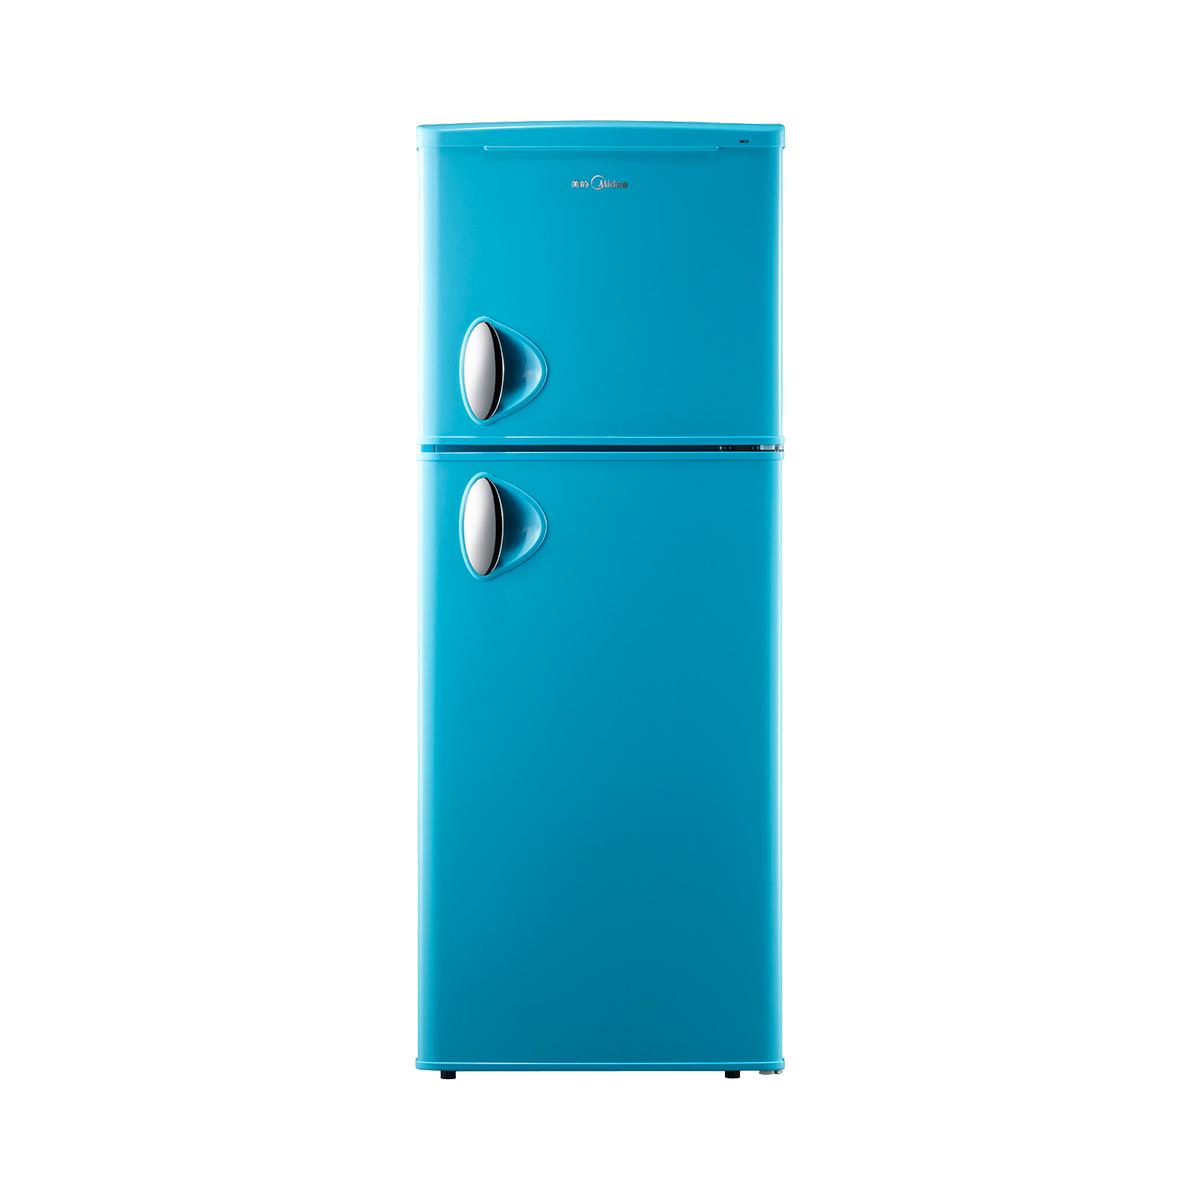 Midea/美的 MD冰箱BCD-132CM(E)天际蓝冰箱 说明书.pdf